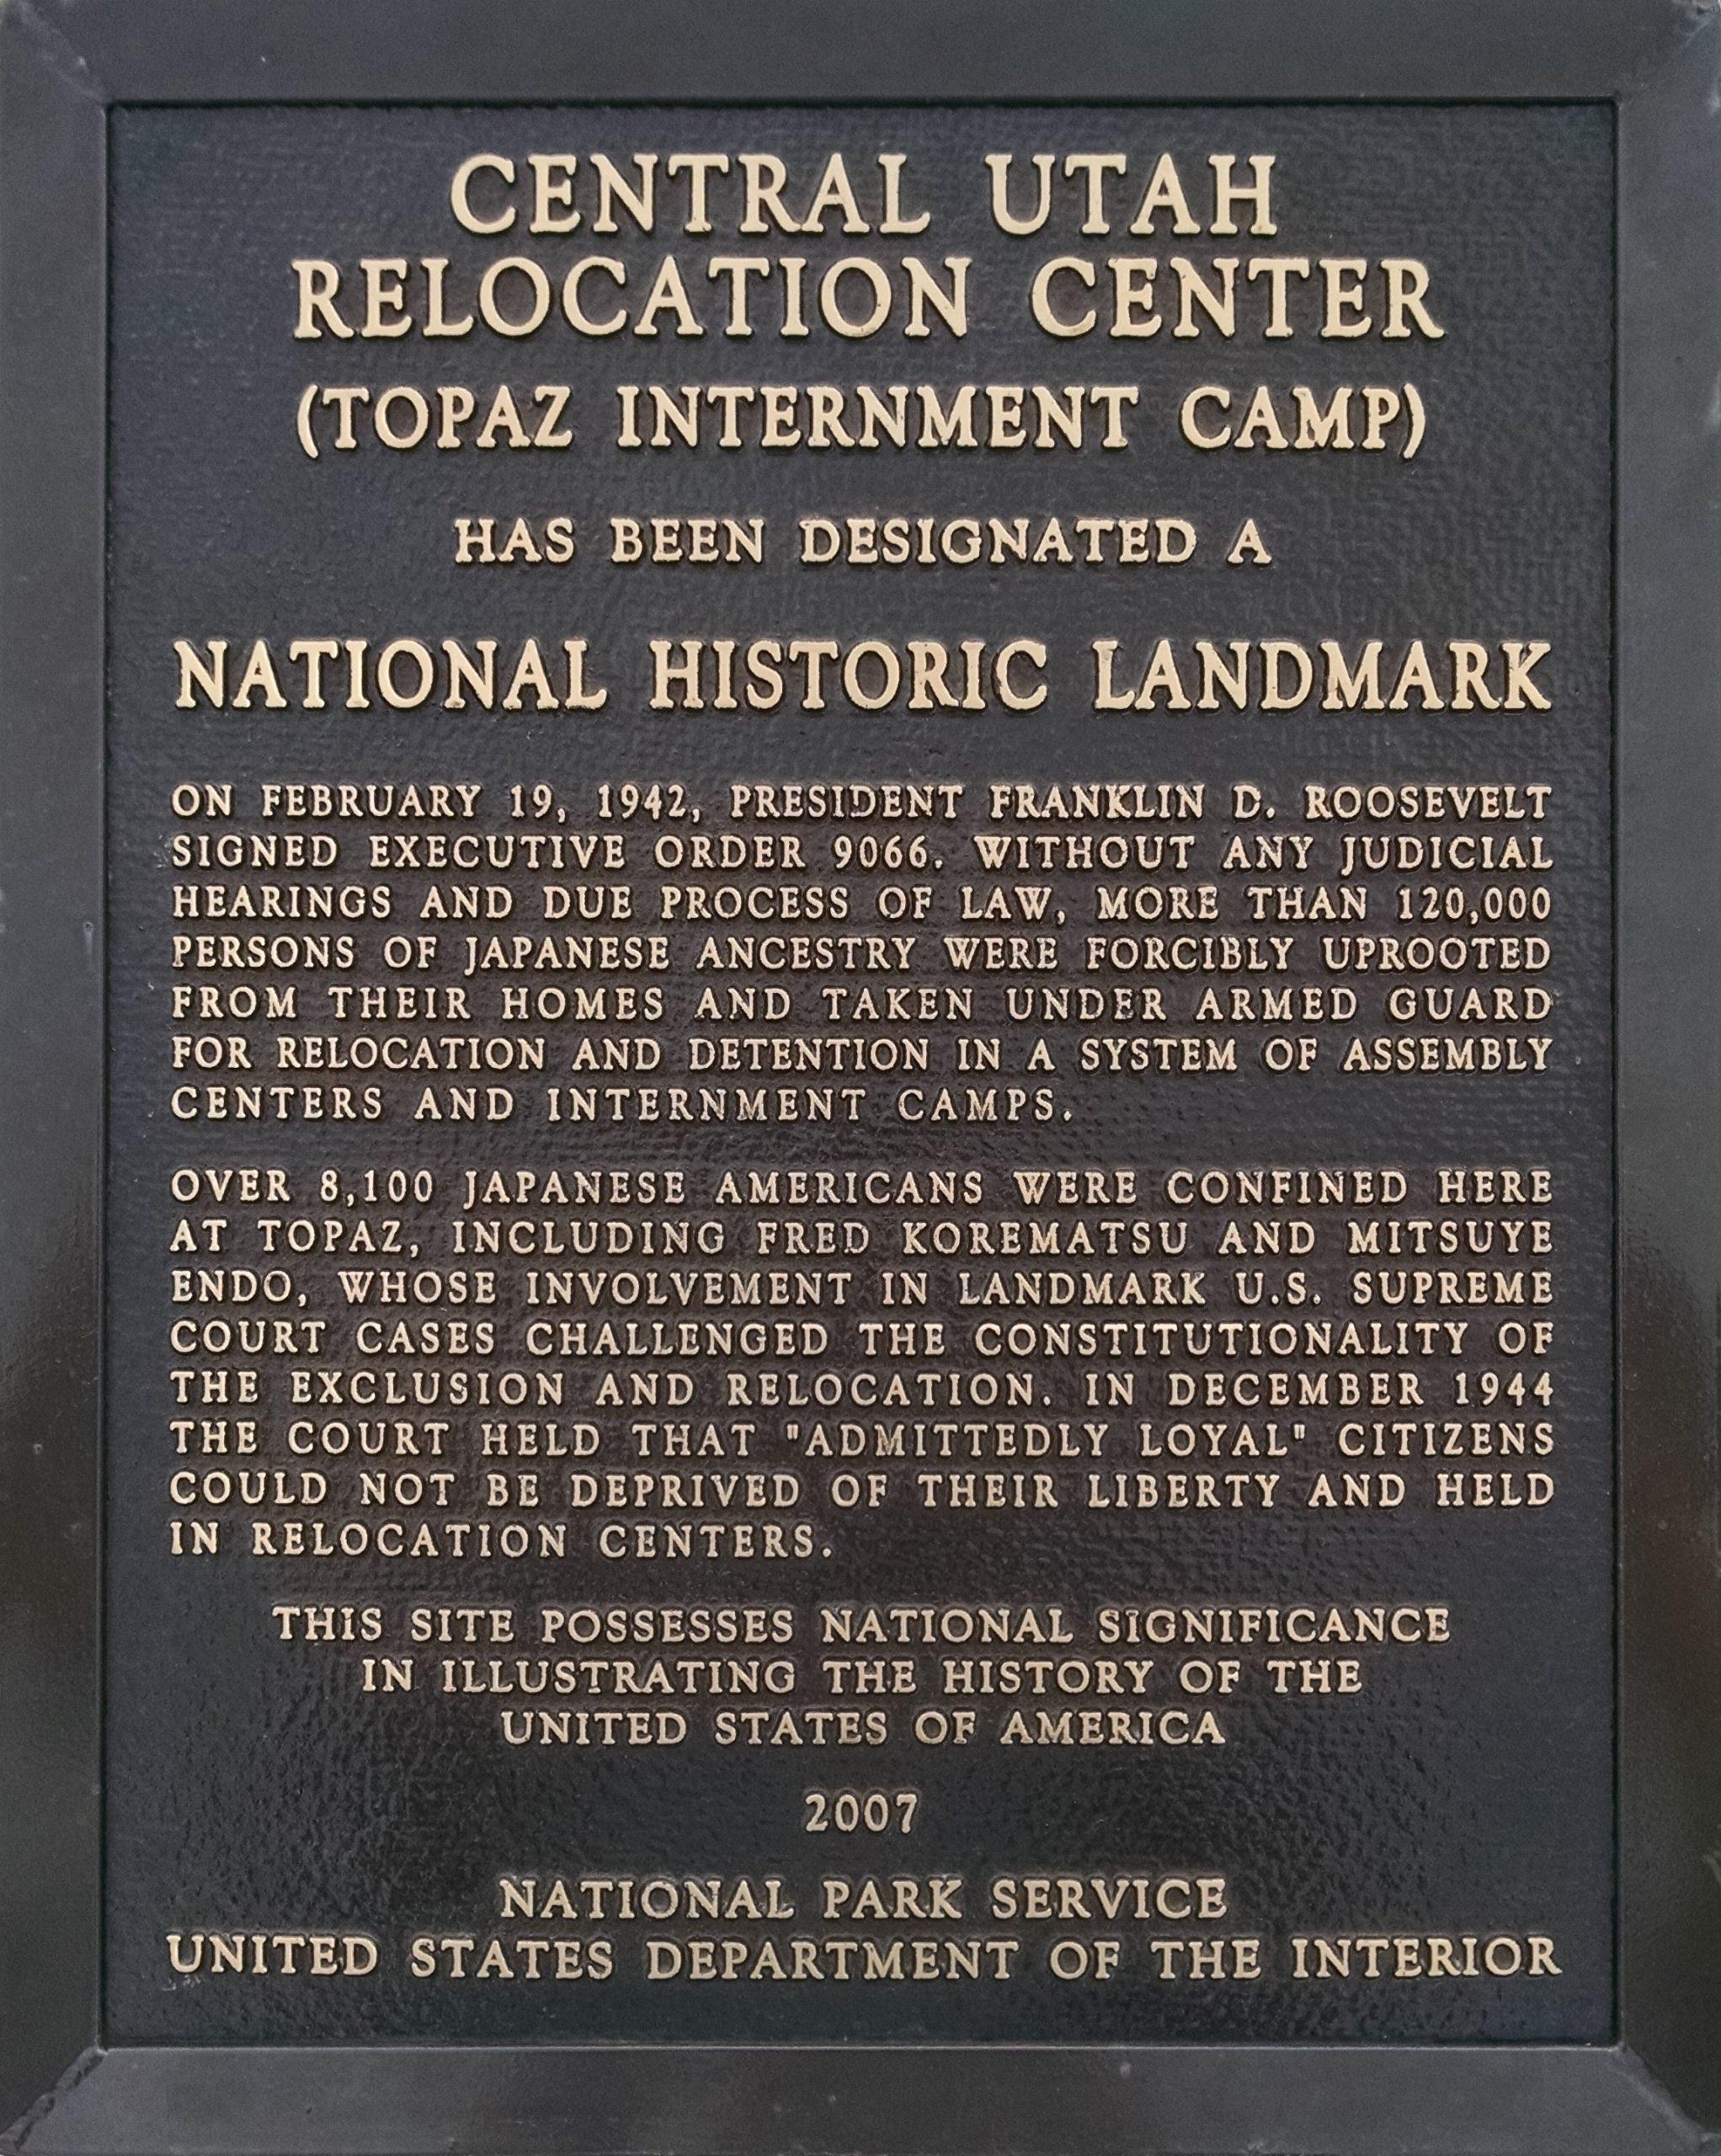 שלט הזיכרון ביוטה במקום בו עמד מחנה המעצר